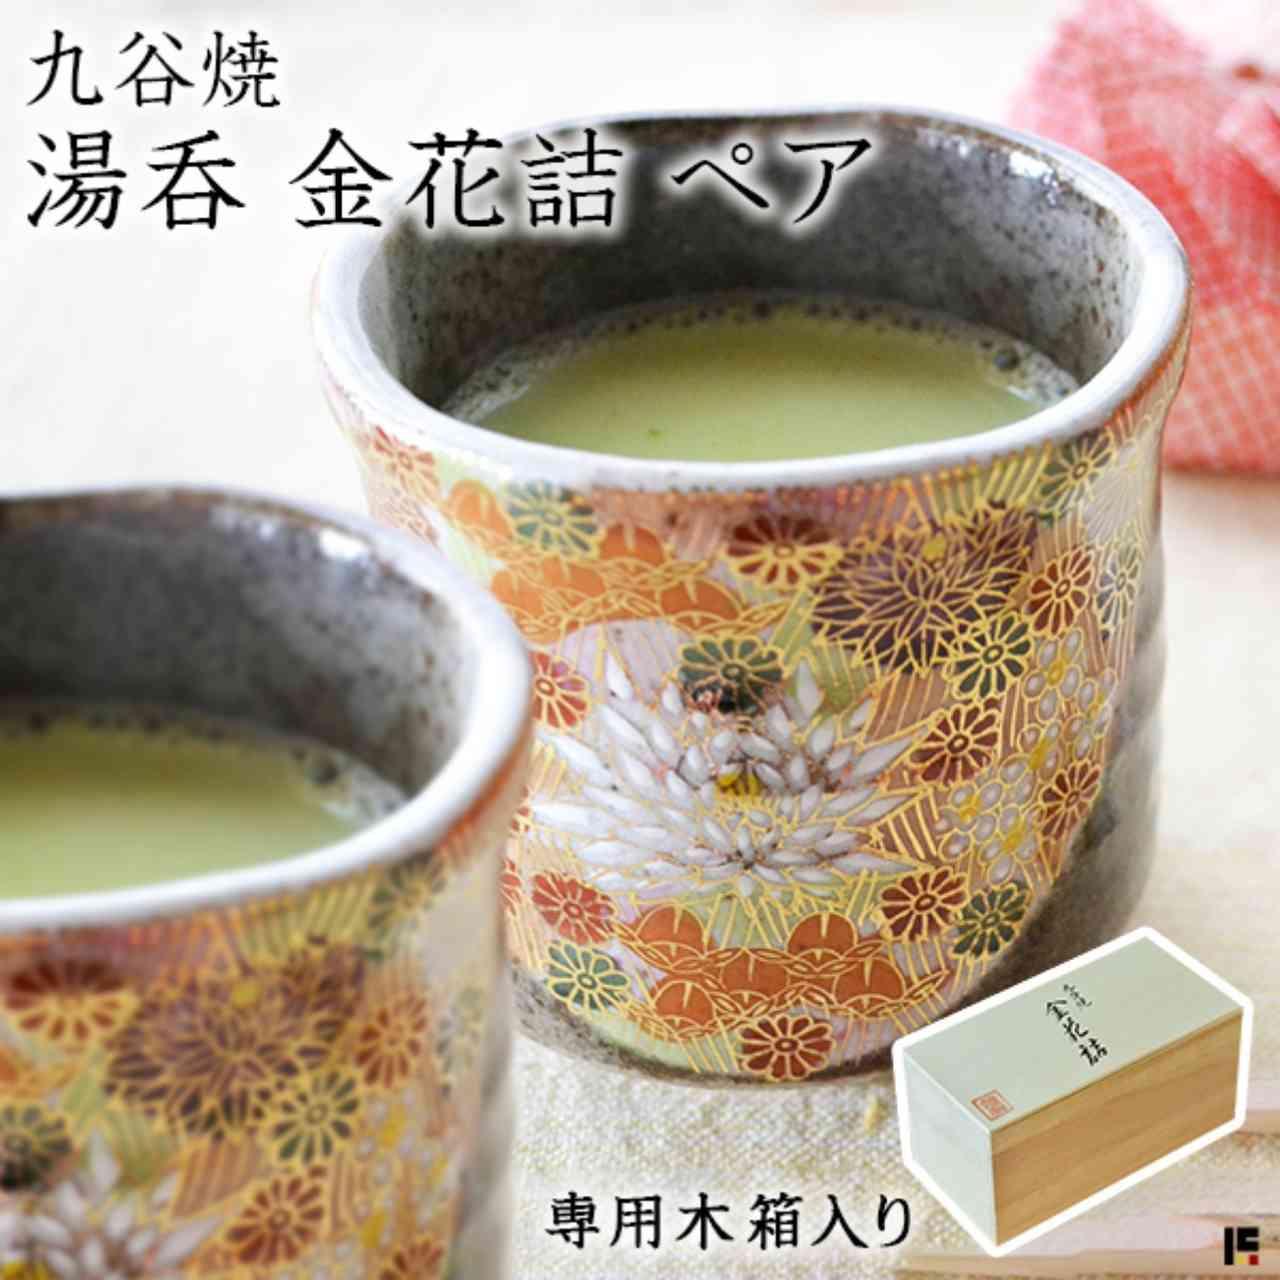 華やかな絵柄がお祝いの日にぴったり「九谷焼 金花詰の湯呑」